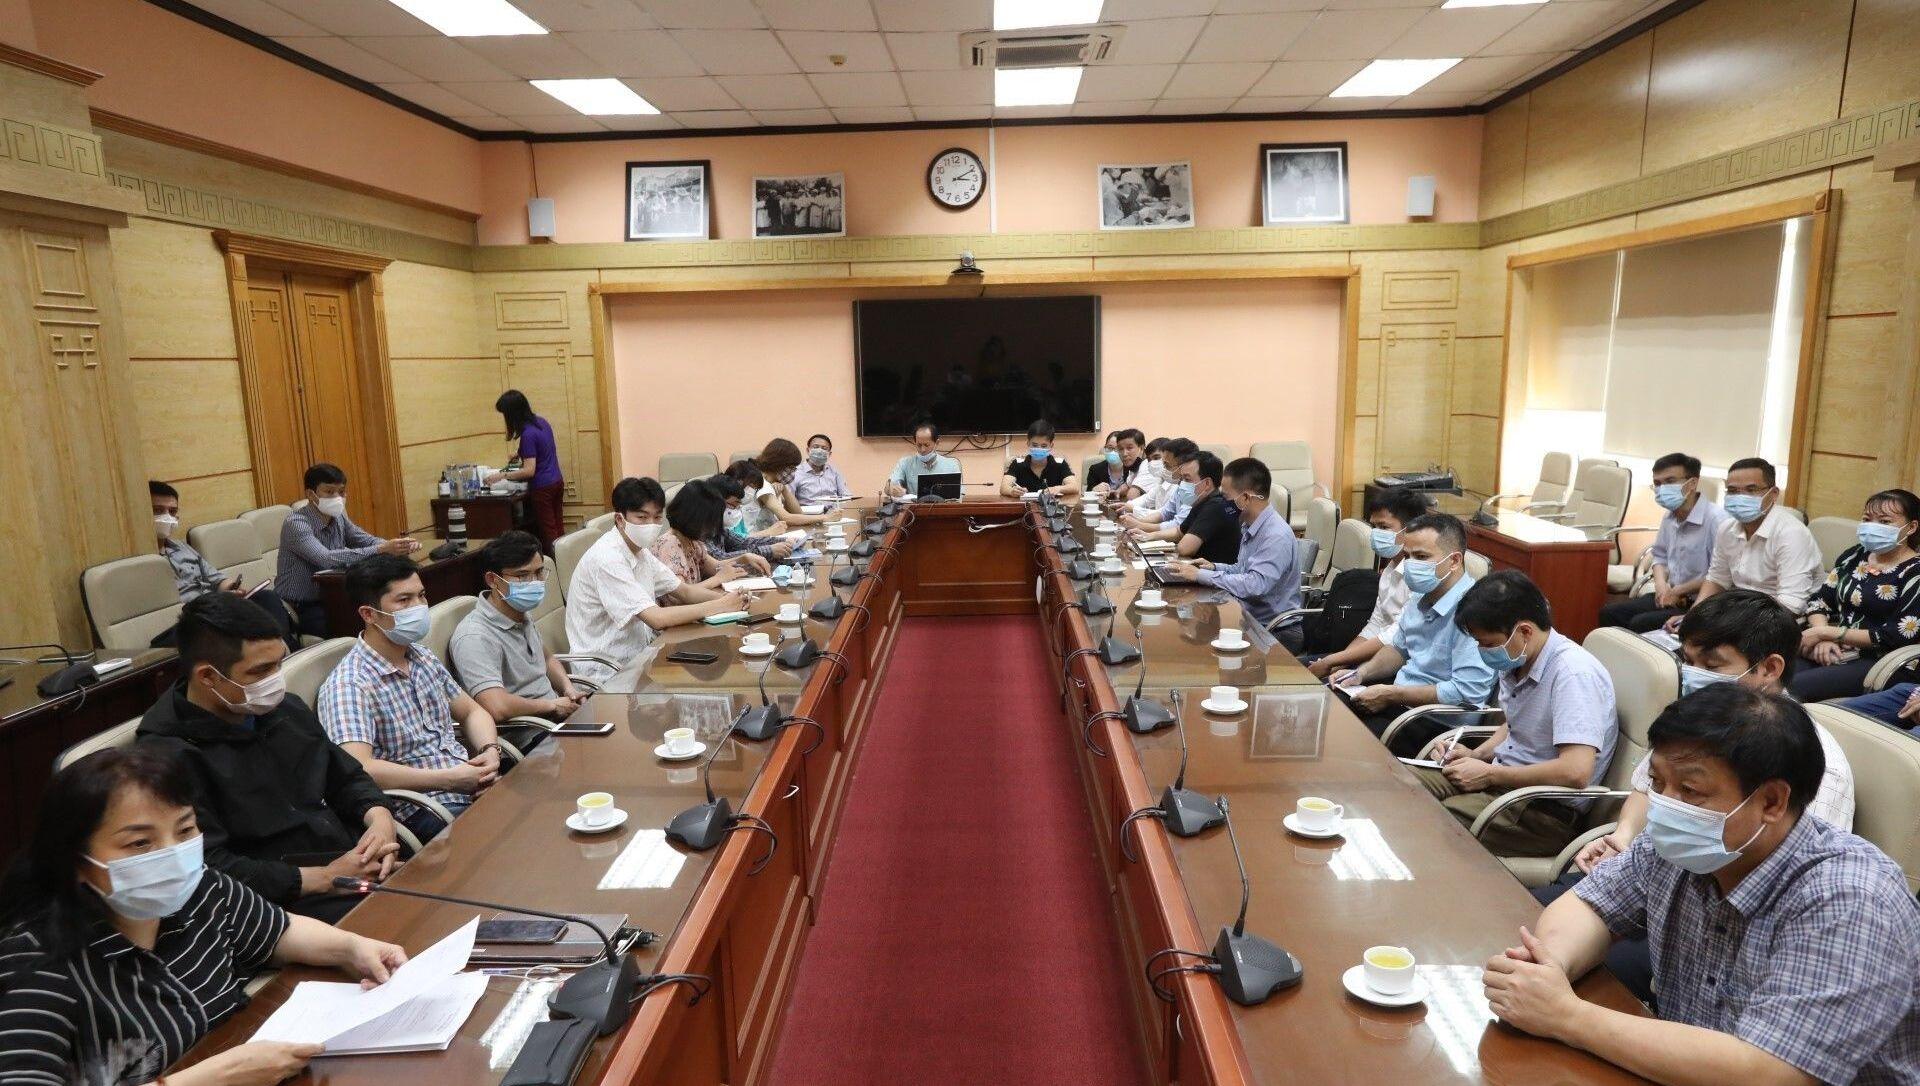 Việt Nam cử đoàn chuyên gia y tế sang hỗ trợ Lào phòng, chống dịch COVID-19 - Sputnik Việt Nam, 1920, 04.05.2021